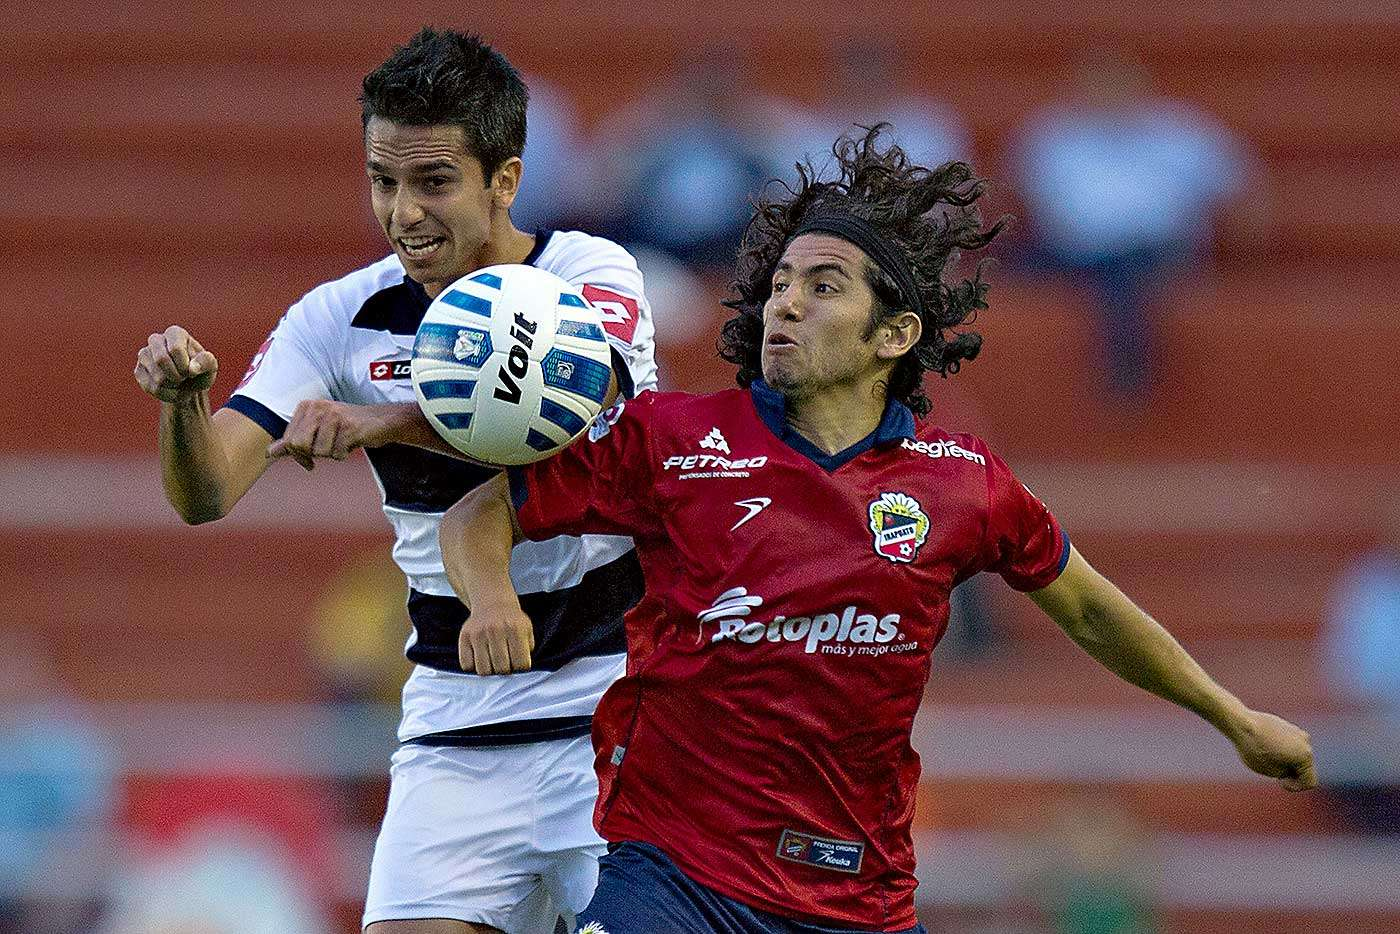 Con gol de Miguel González, Altamira derrotó 1-0 a Irapuato en el partido de ida de la llave 3 del grupo 1 de la Copa MX en partido celebrado en el estadio Sergio León Chávez de Irapuato. Foto: Sergio Mejía/Imago 7